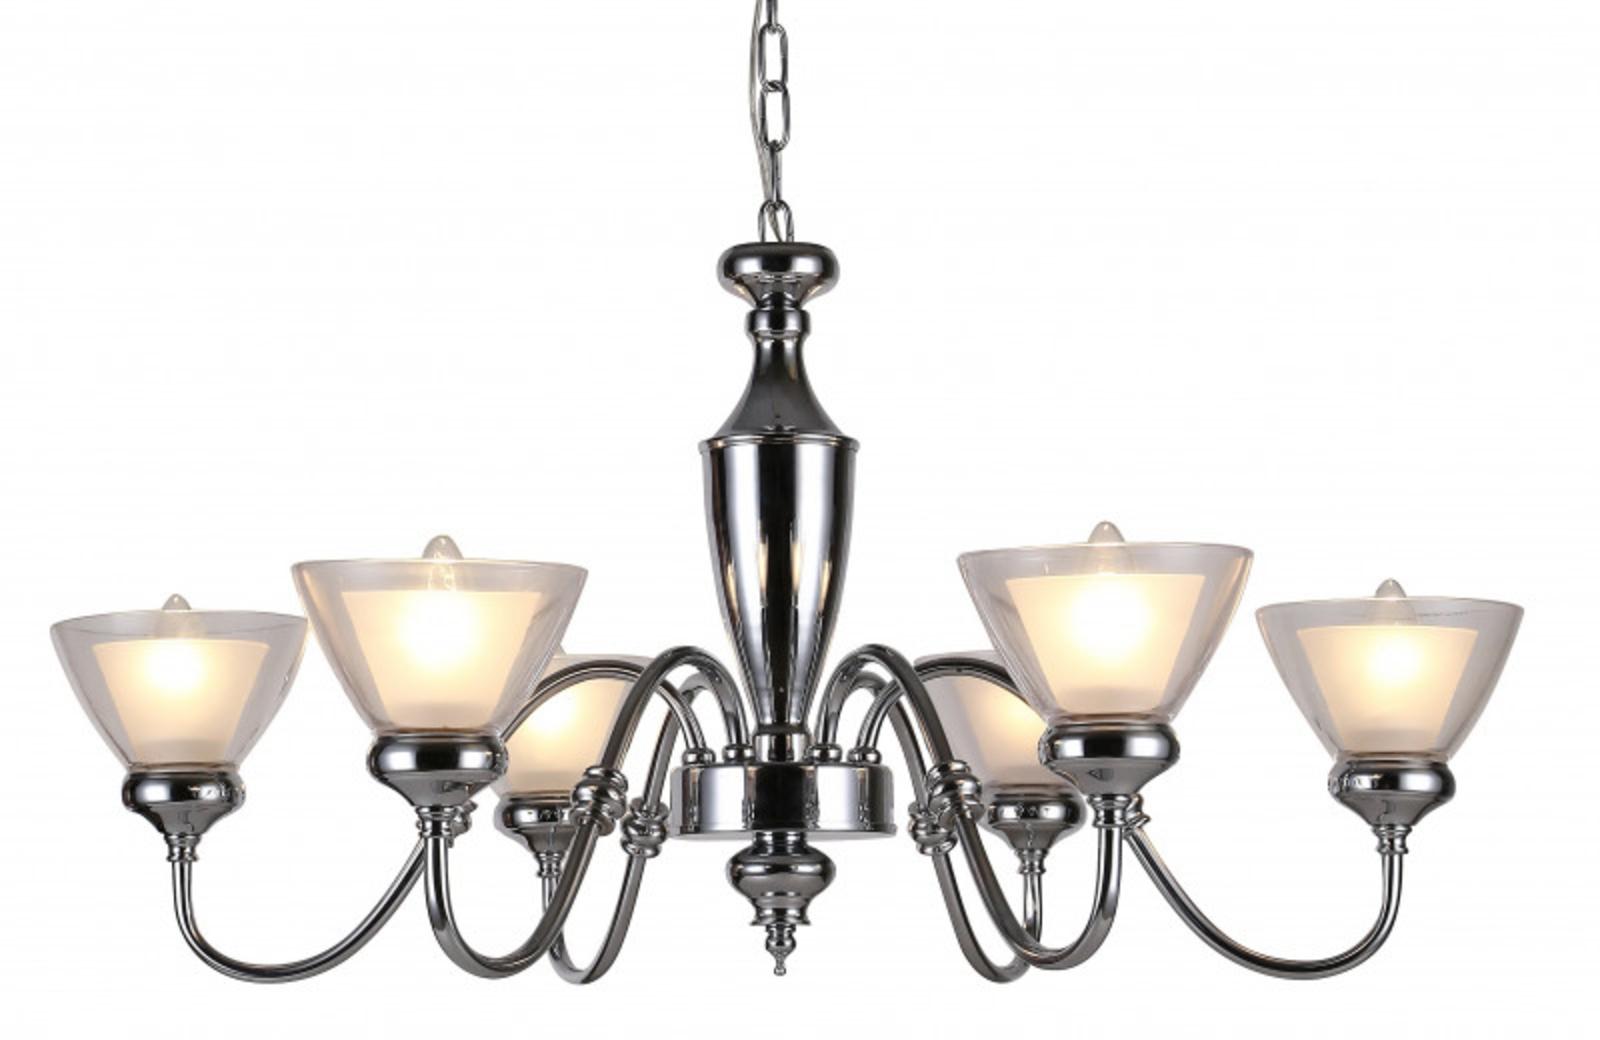 Купить Подвесная люстра Toscana Подвесная люстра ARTE Lamp A5184LM-6CC (13780), HomeMe